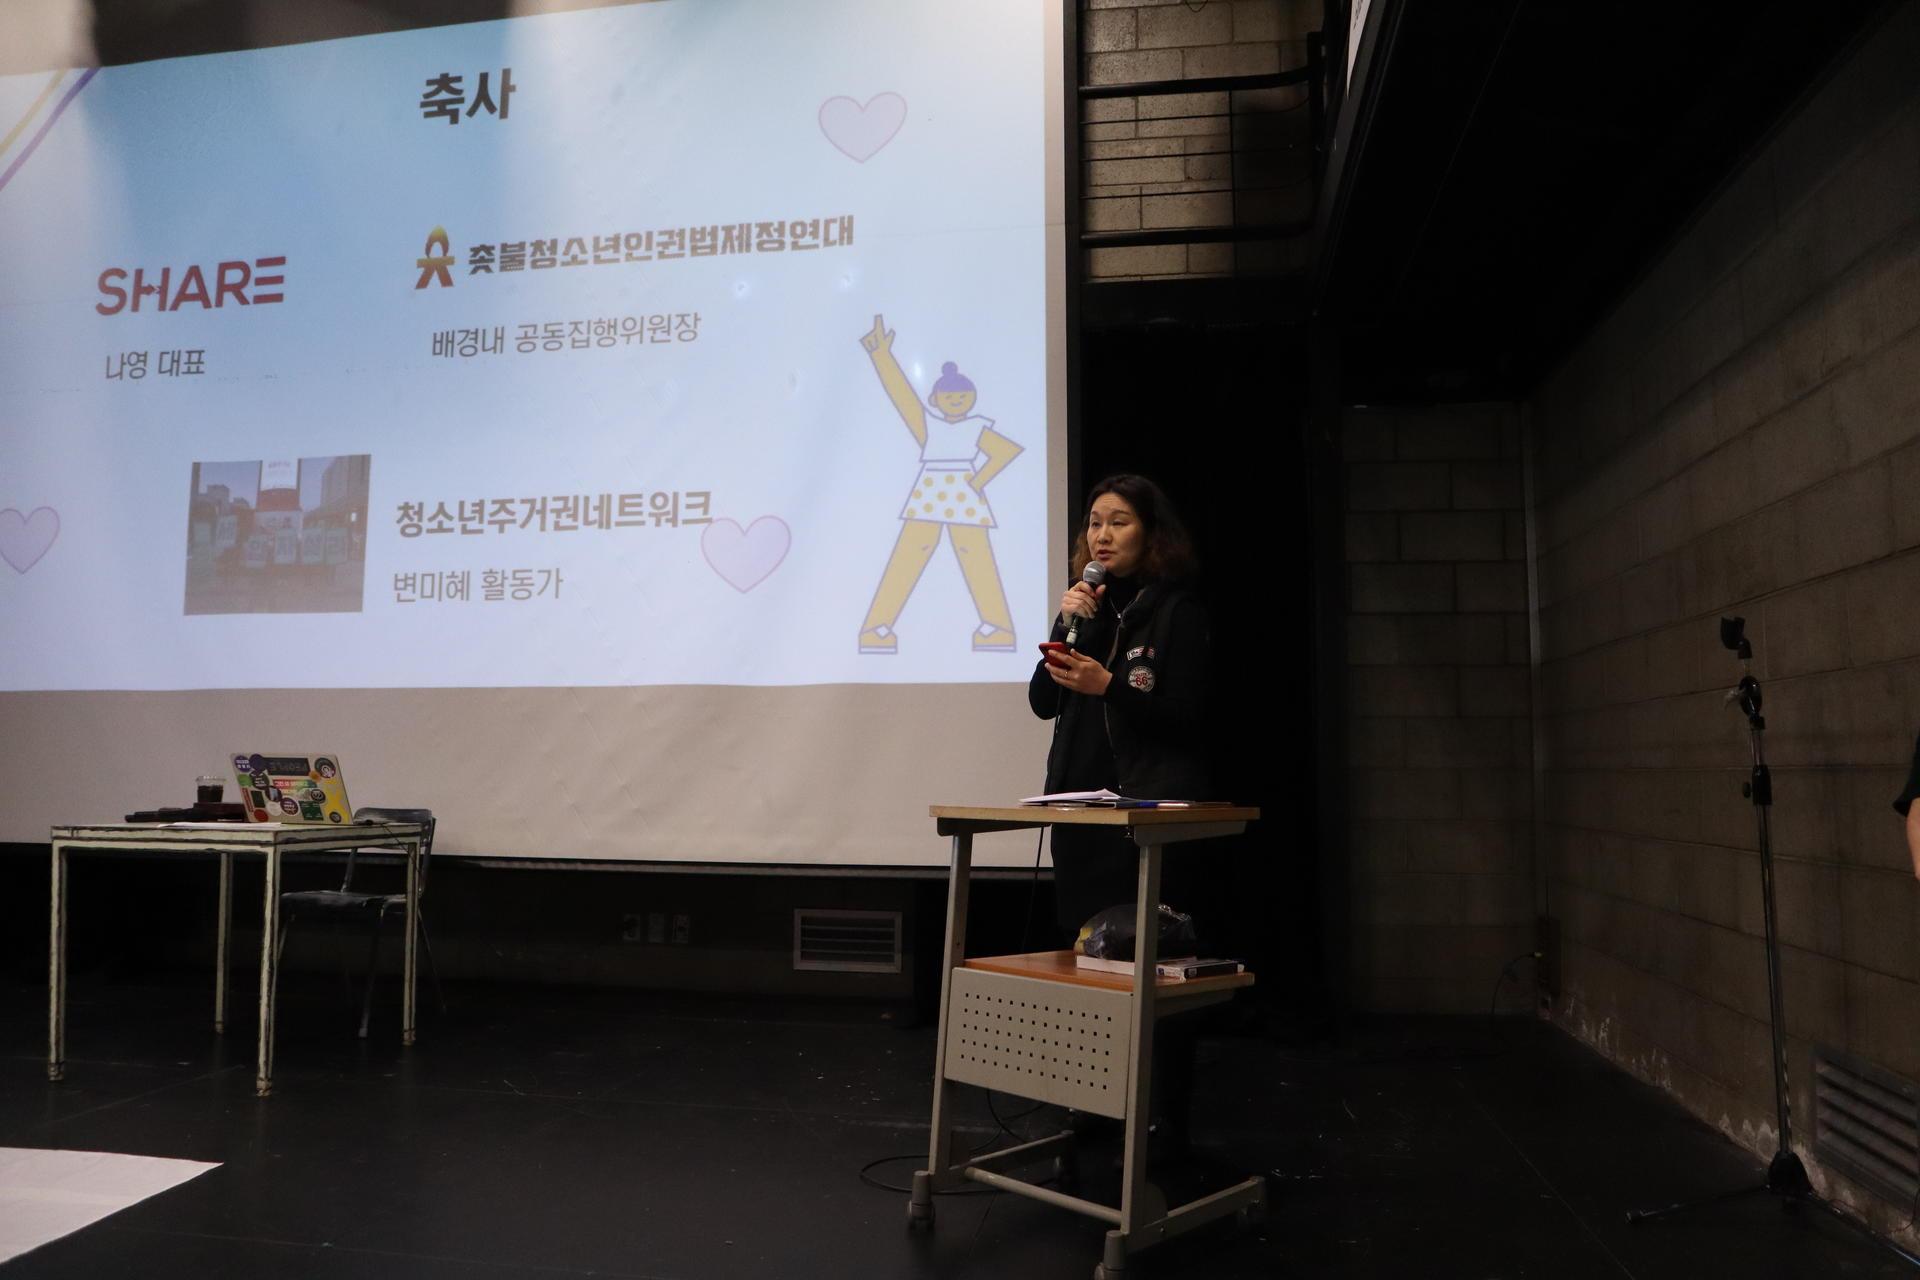 청소년주거권네트워크 변미혜 활동가님 축사 발언